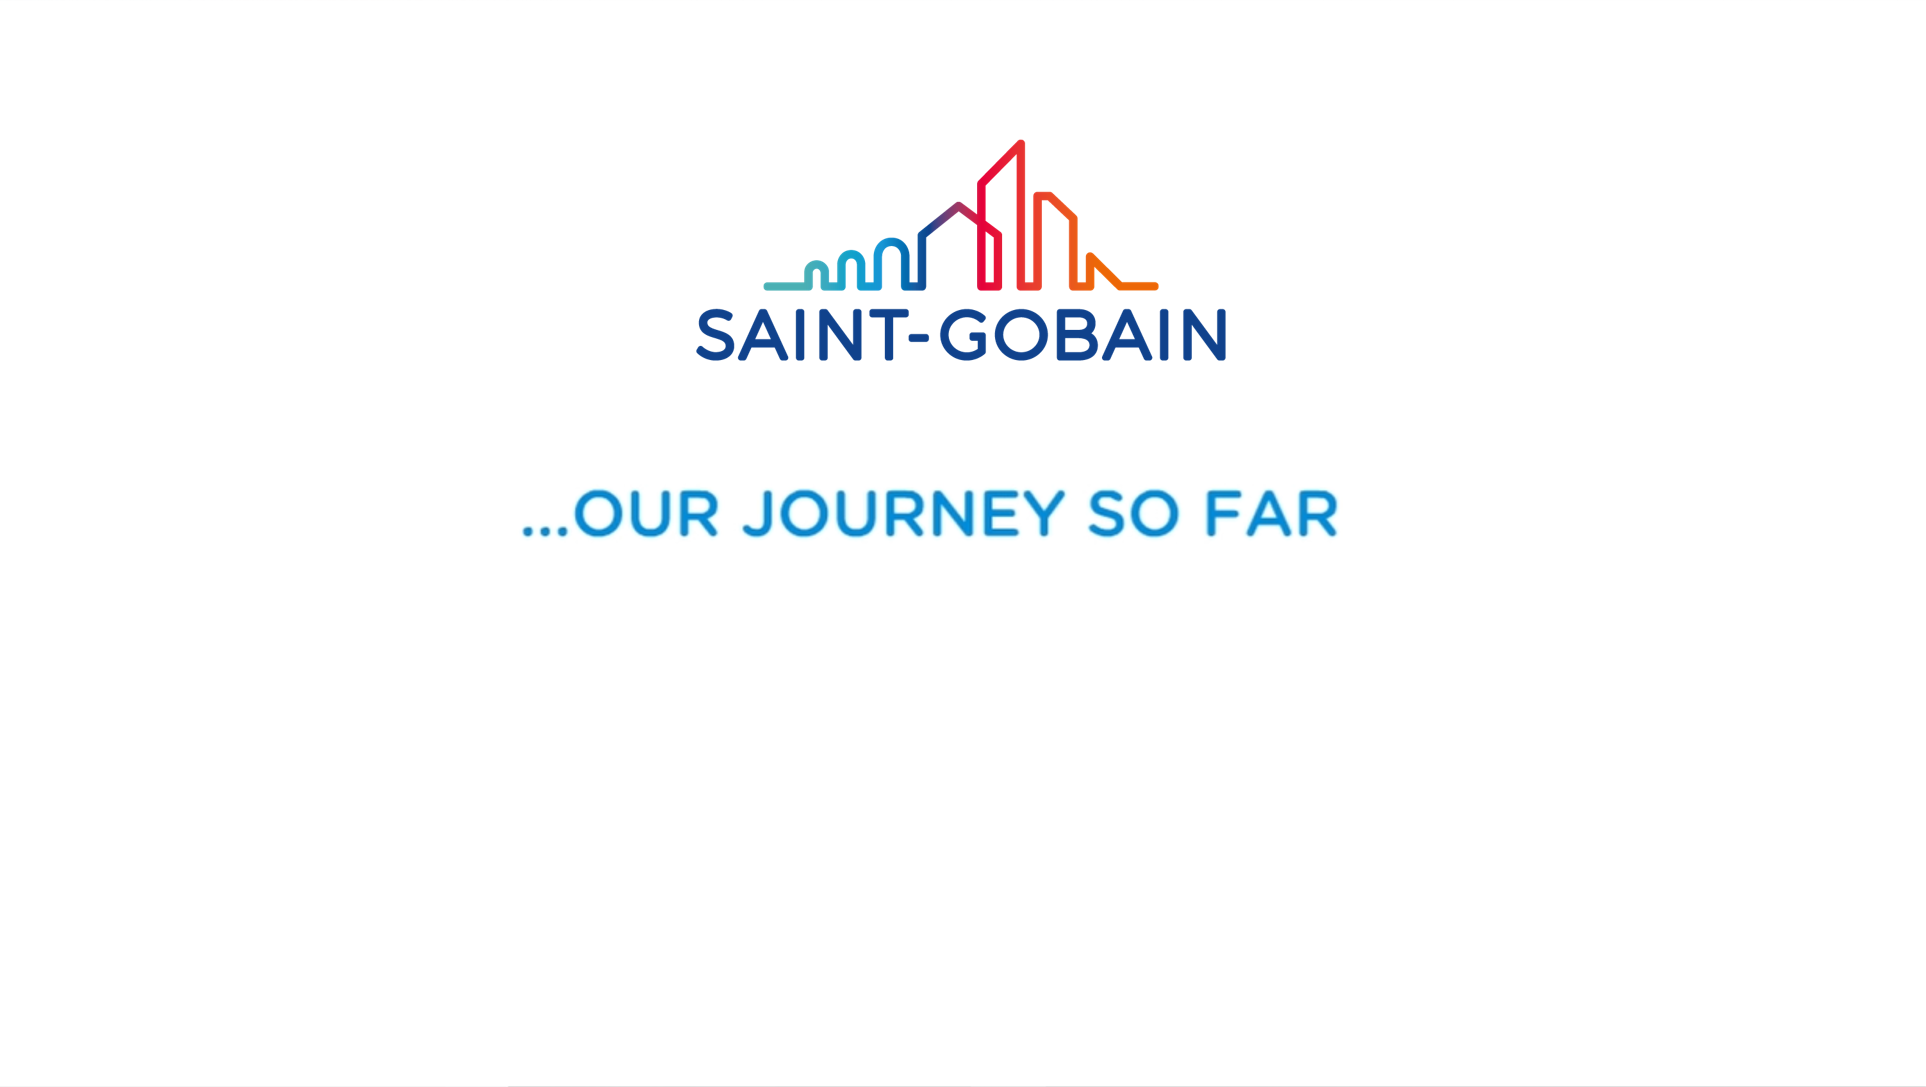 Saint Gobain